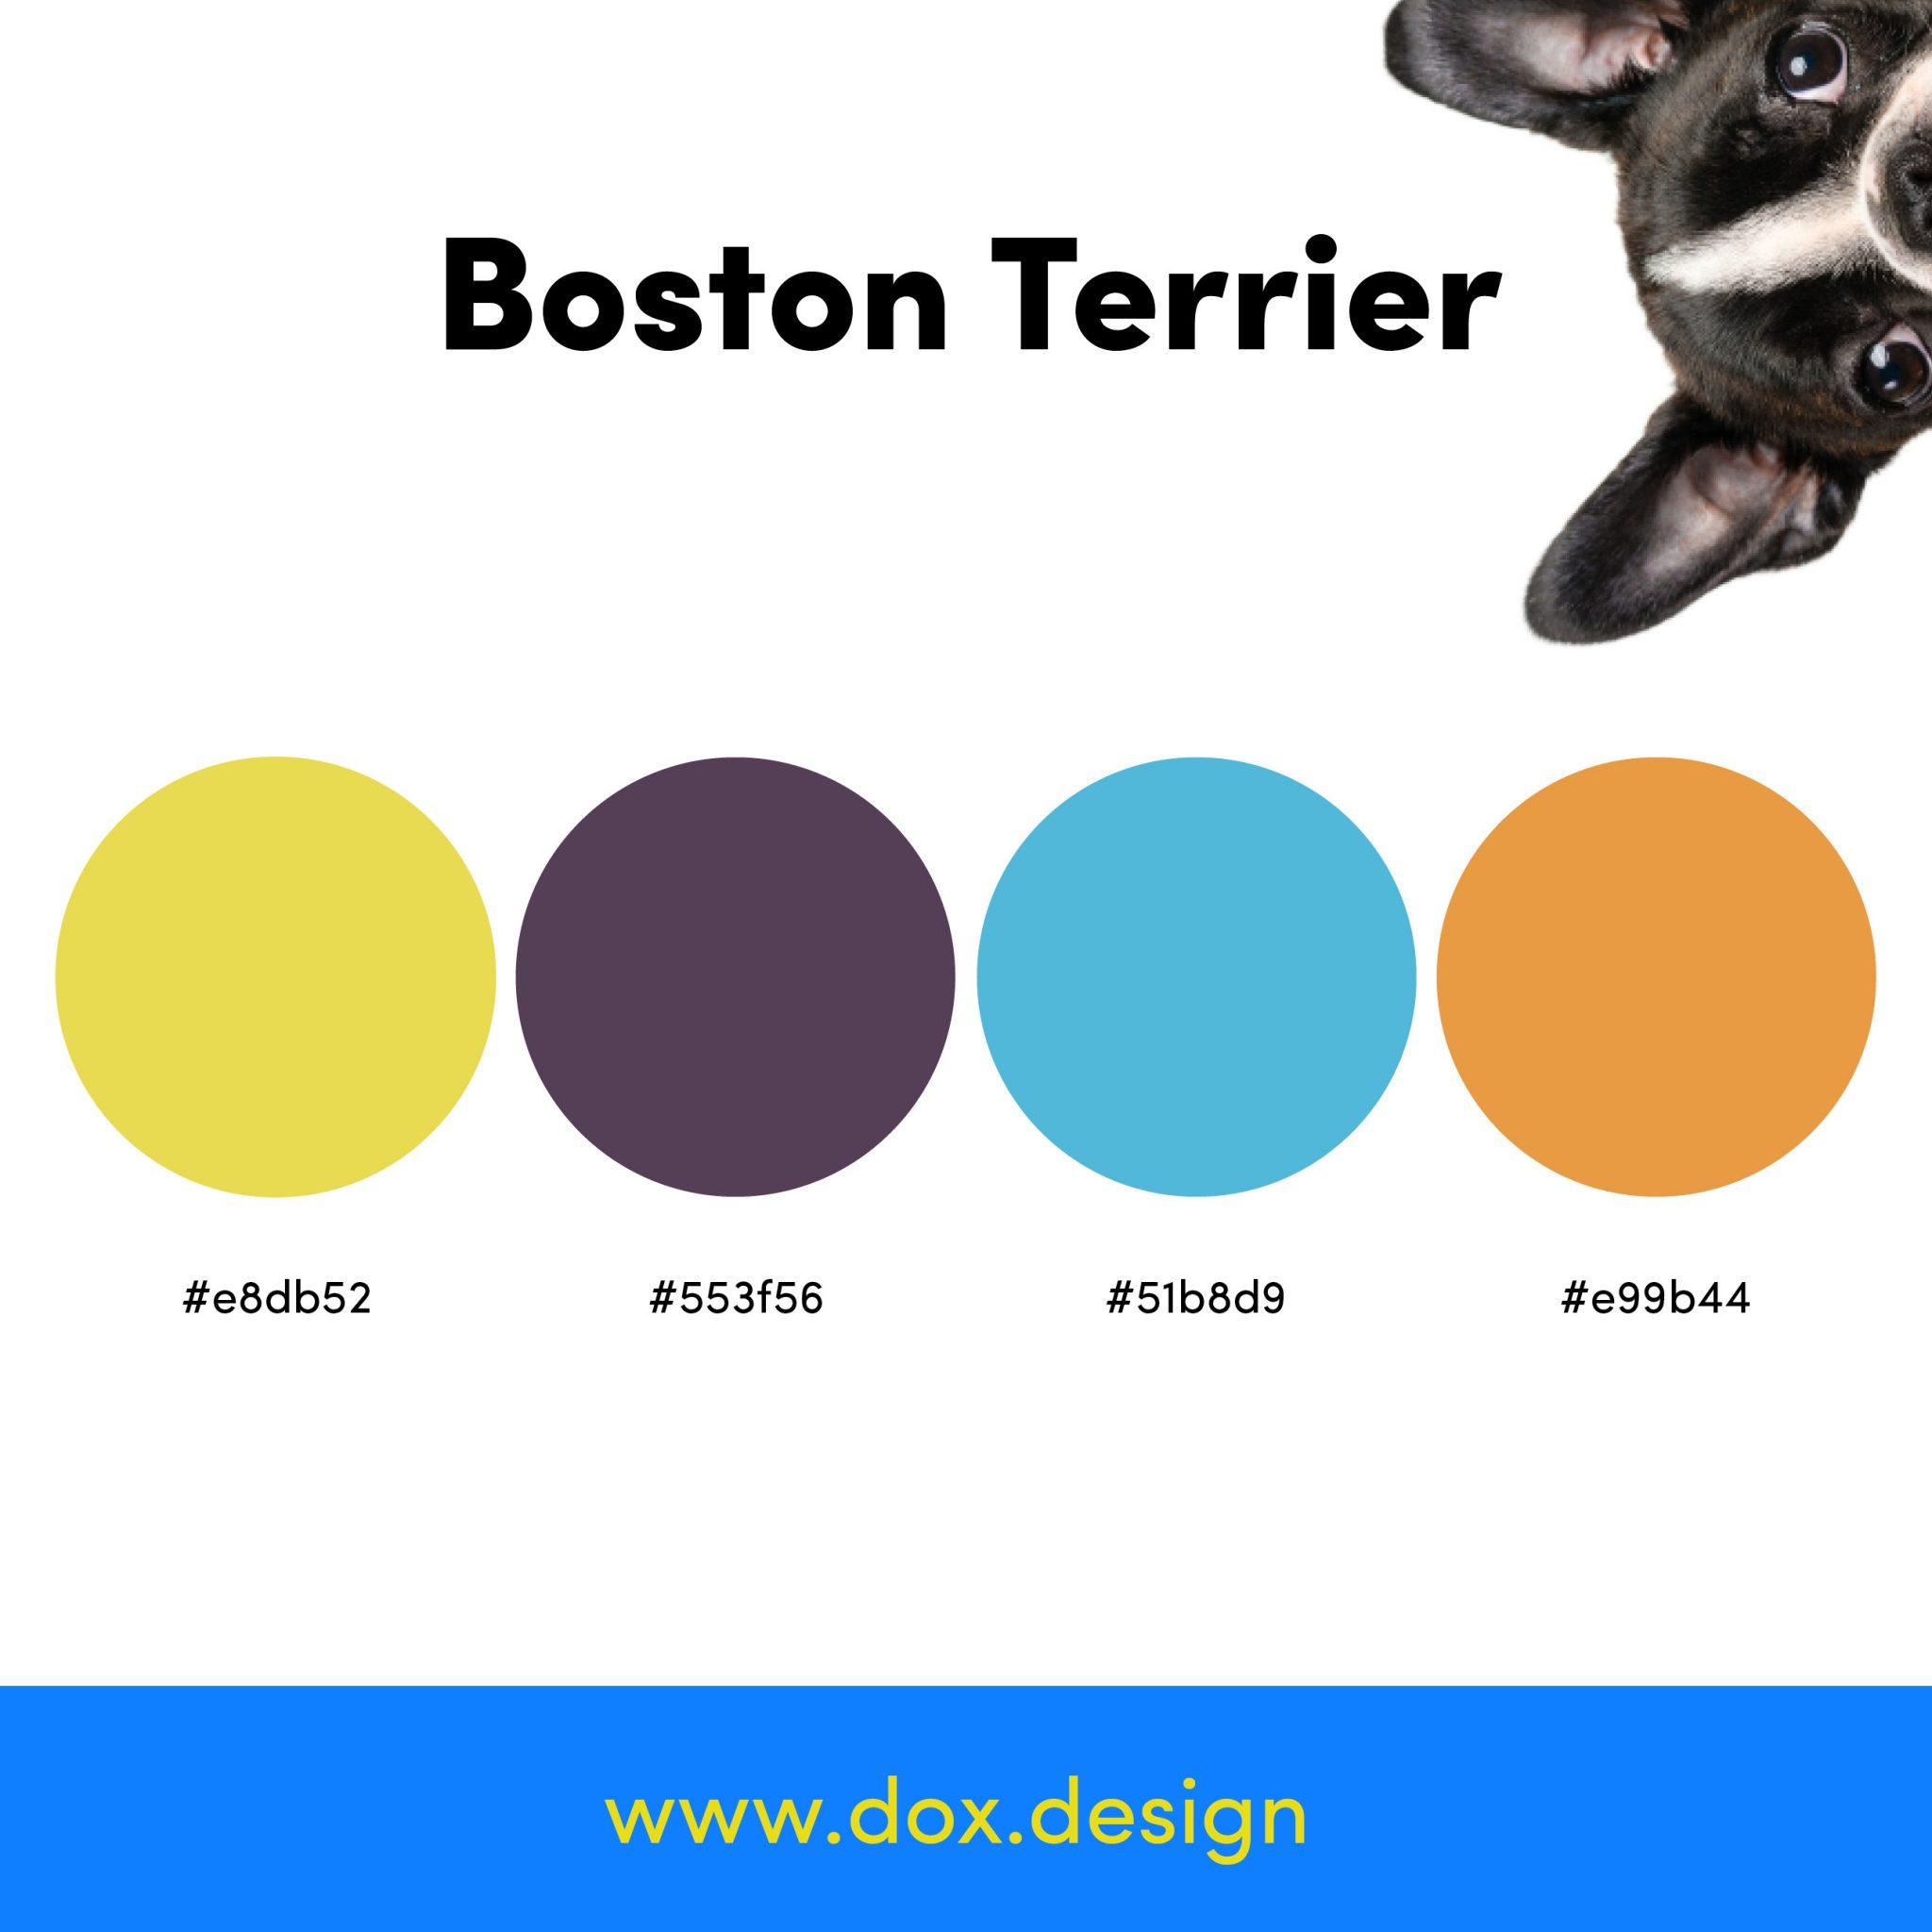 Boston Terrier color palette